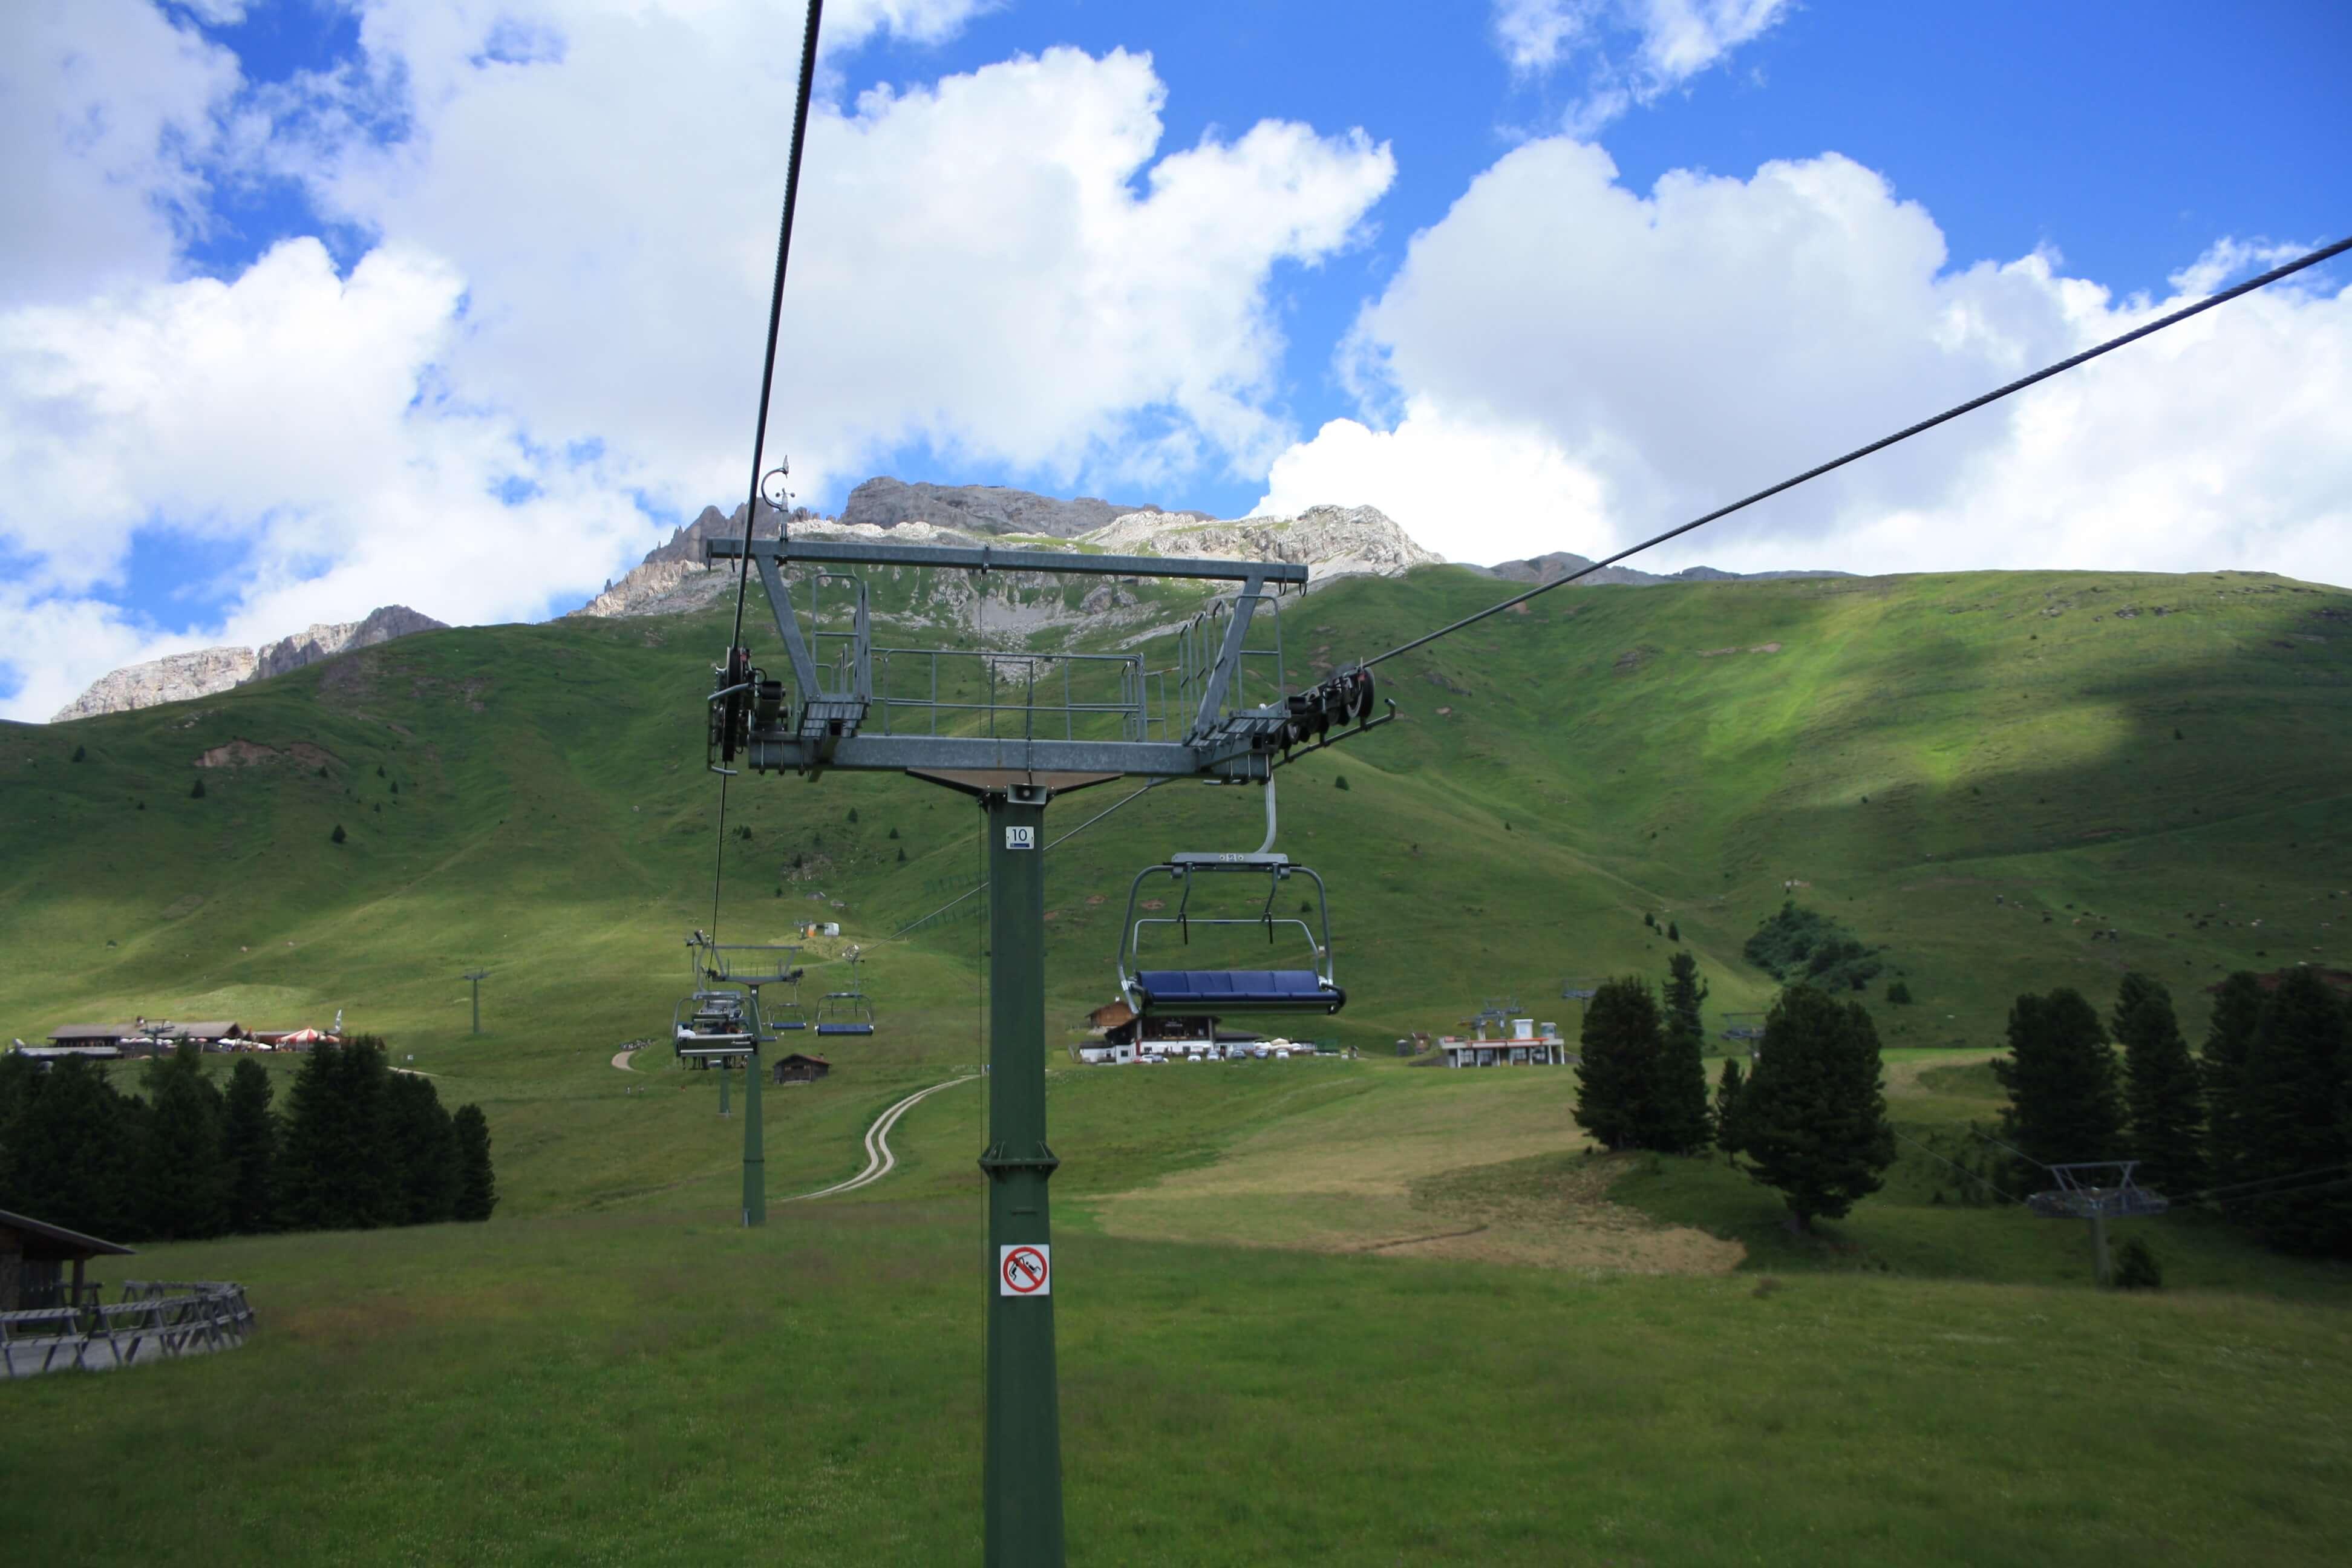 Val Di Fiemme - Trentino Alto Adige - Latemar seggiovia